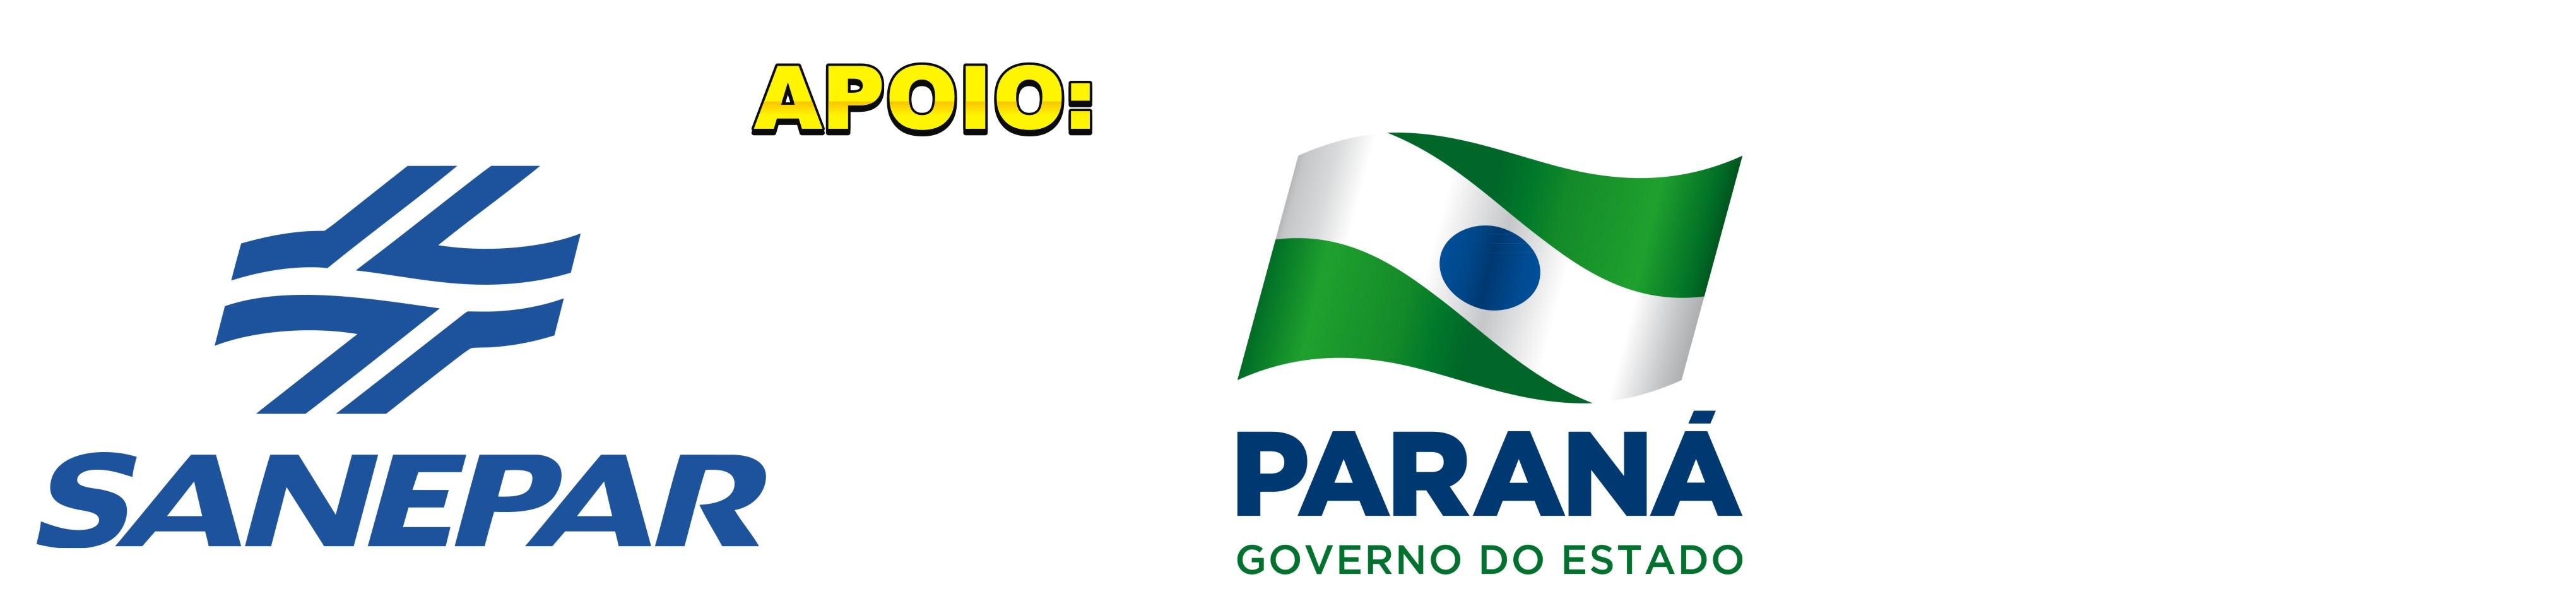 Apoio: Sanepar e Governo do Estado do Paraná